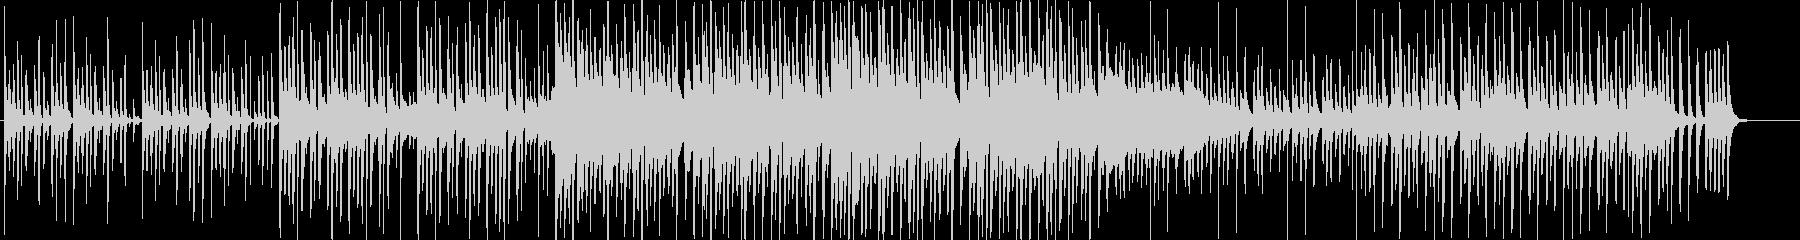 トロピカルで可愛い木琴ポップスの未再生の波形